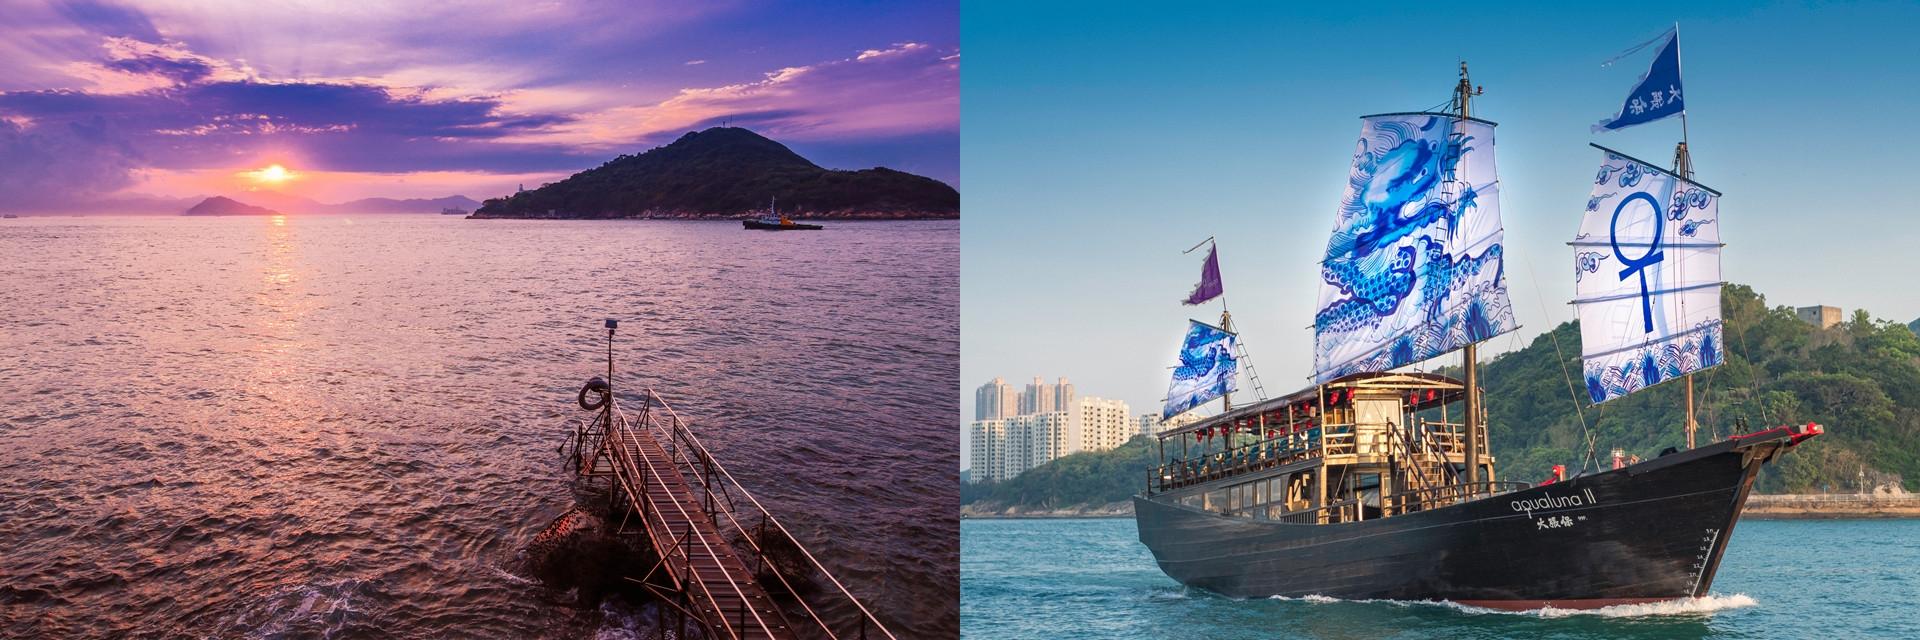 編輯不藏私!不用人擠人的 5 個「香港秘境」,看完還不立刻買機票飛香港?